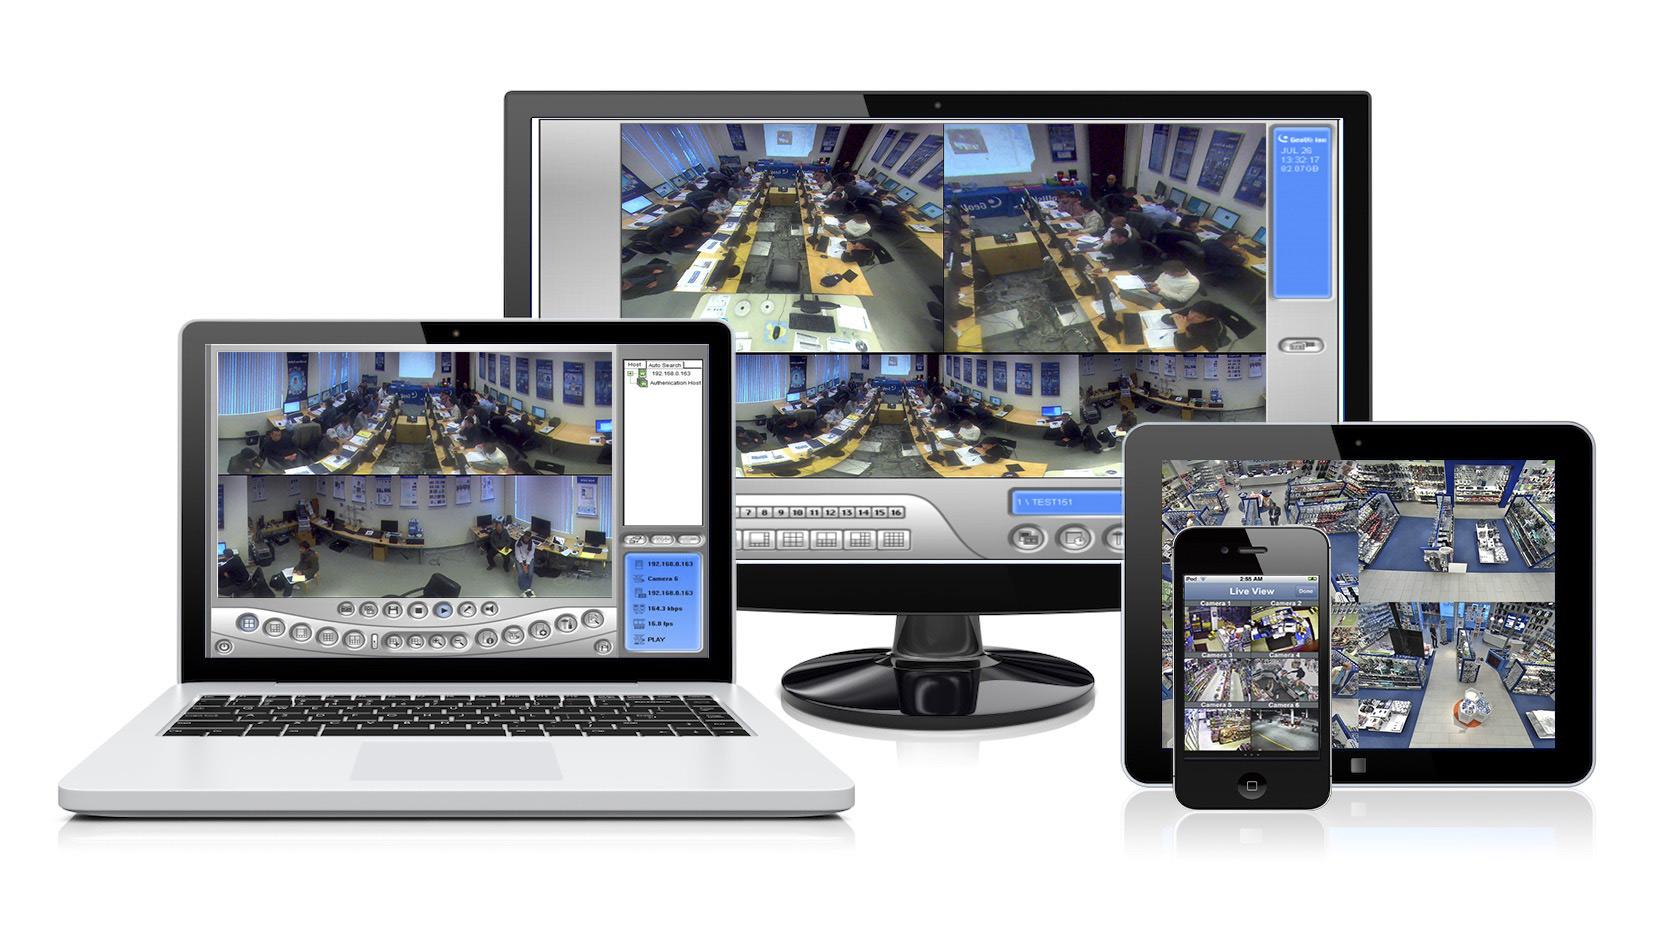 cctv_kamera_klient_web